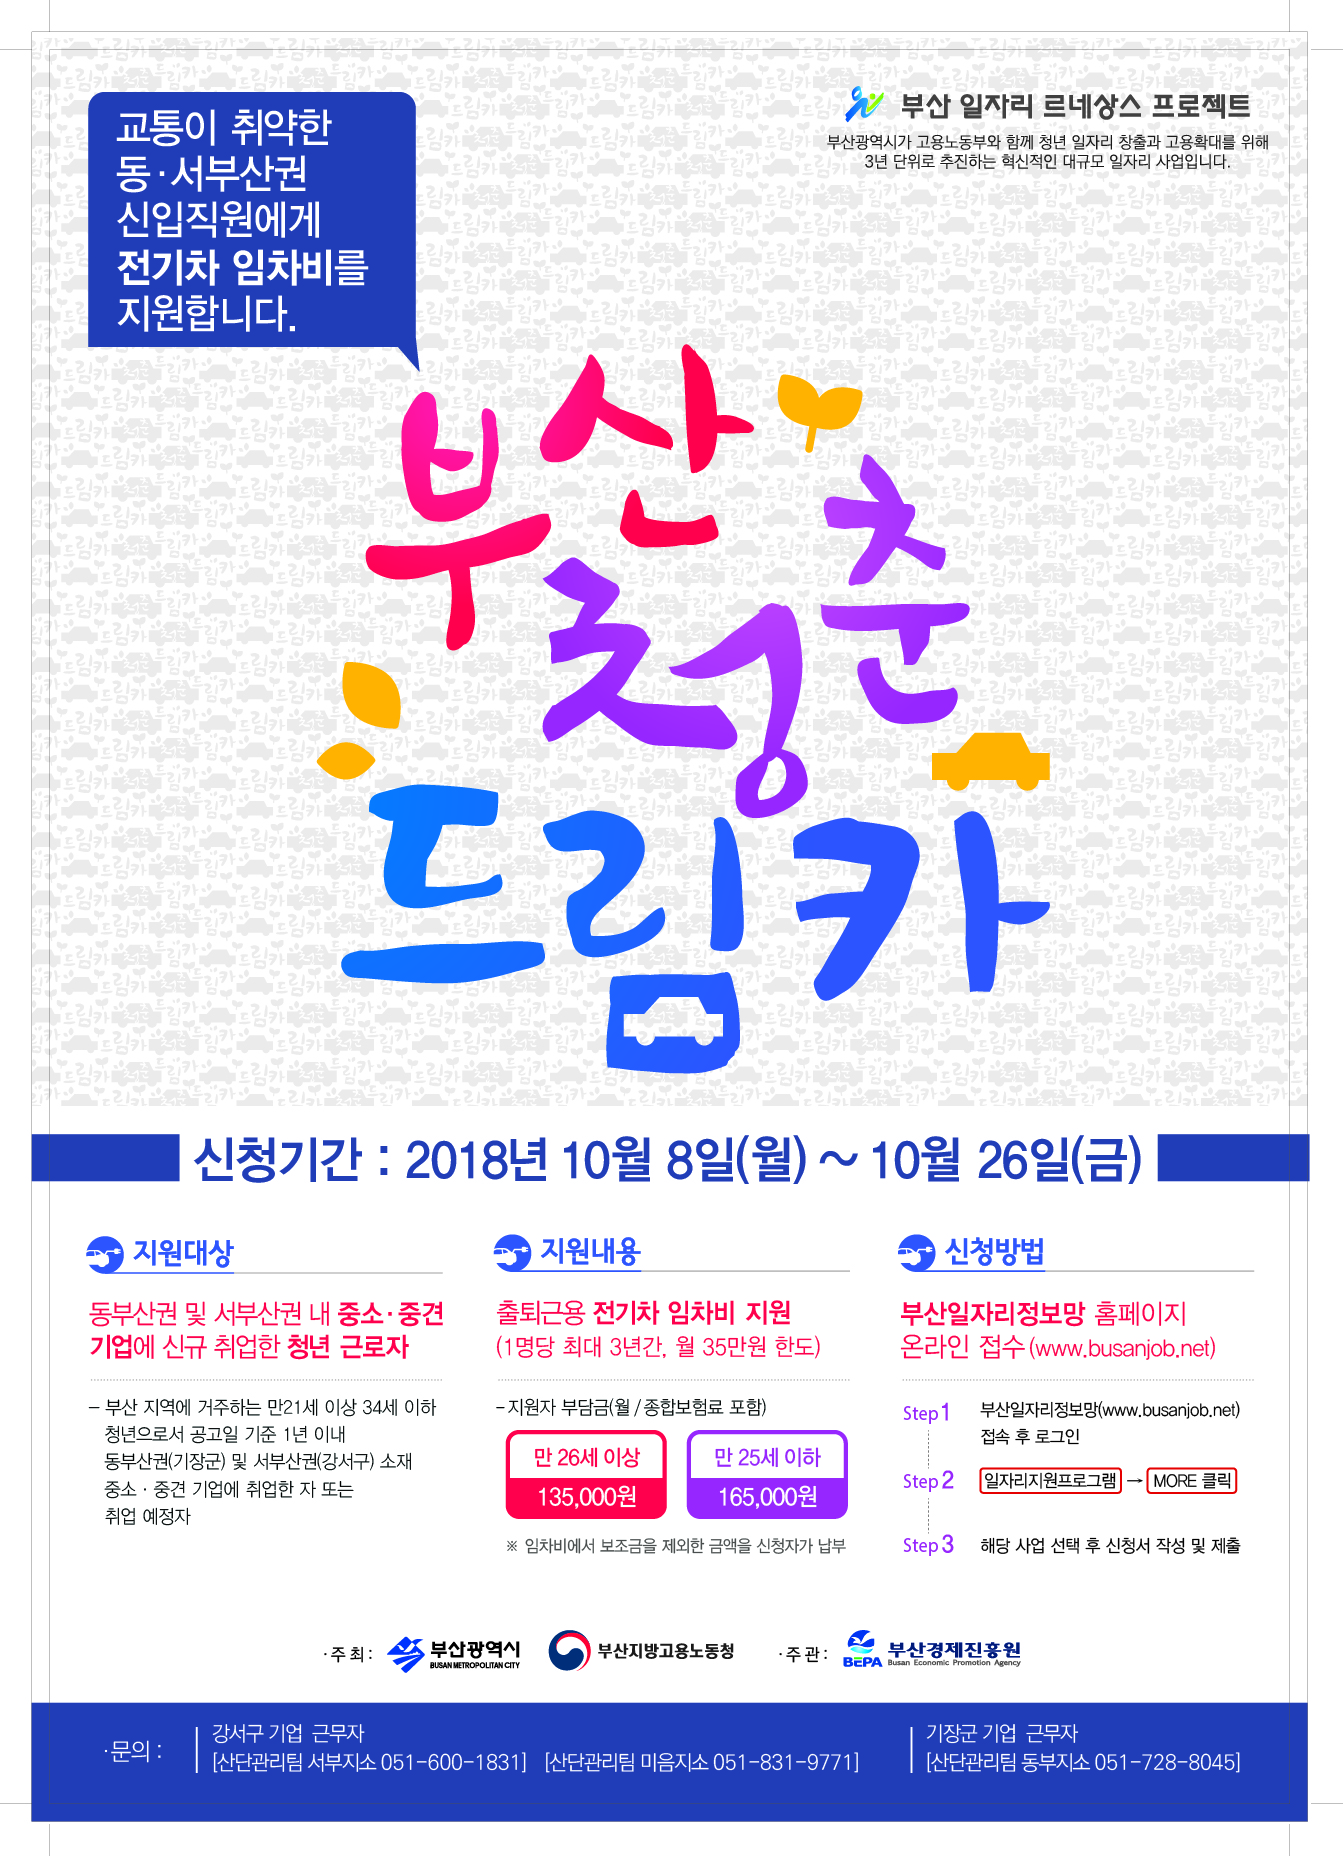 [부산경제진흥원] 2018년 부산 청춘드림카 지원사업 3차 모집공고